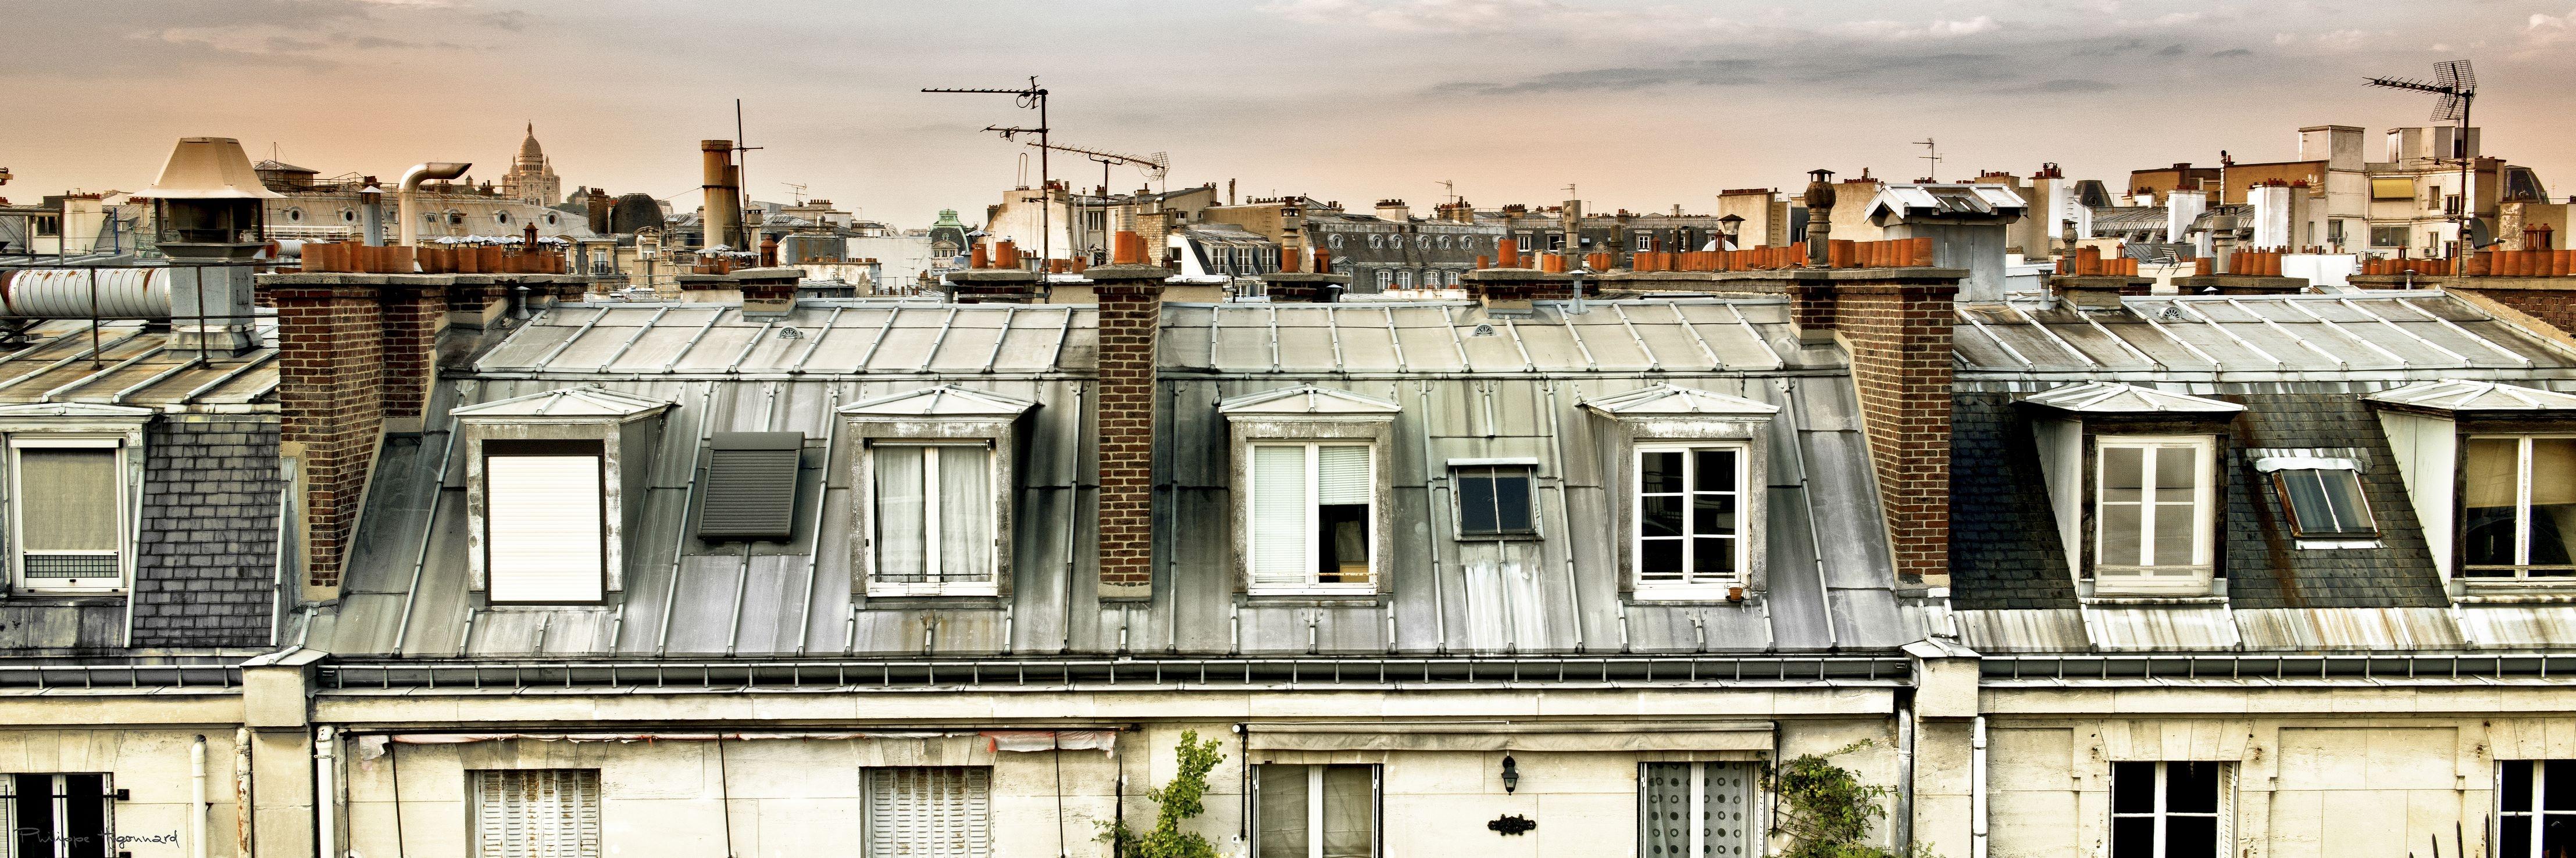 Blog visuel Paris